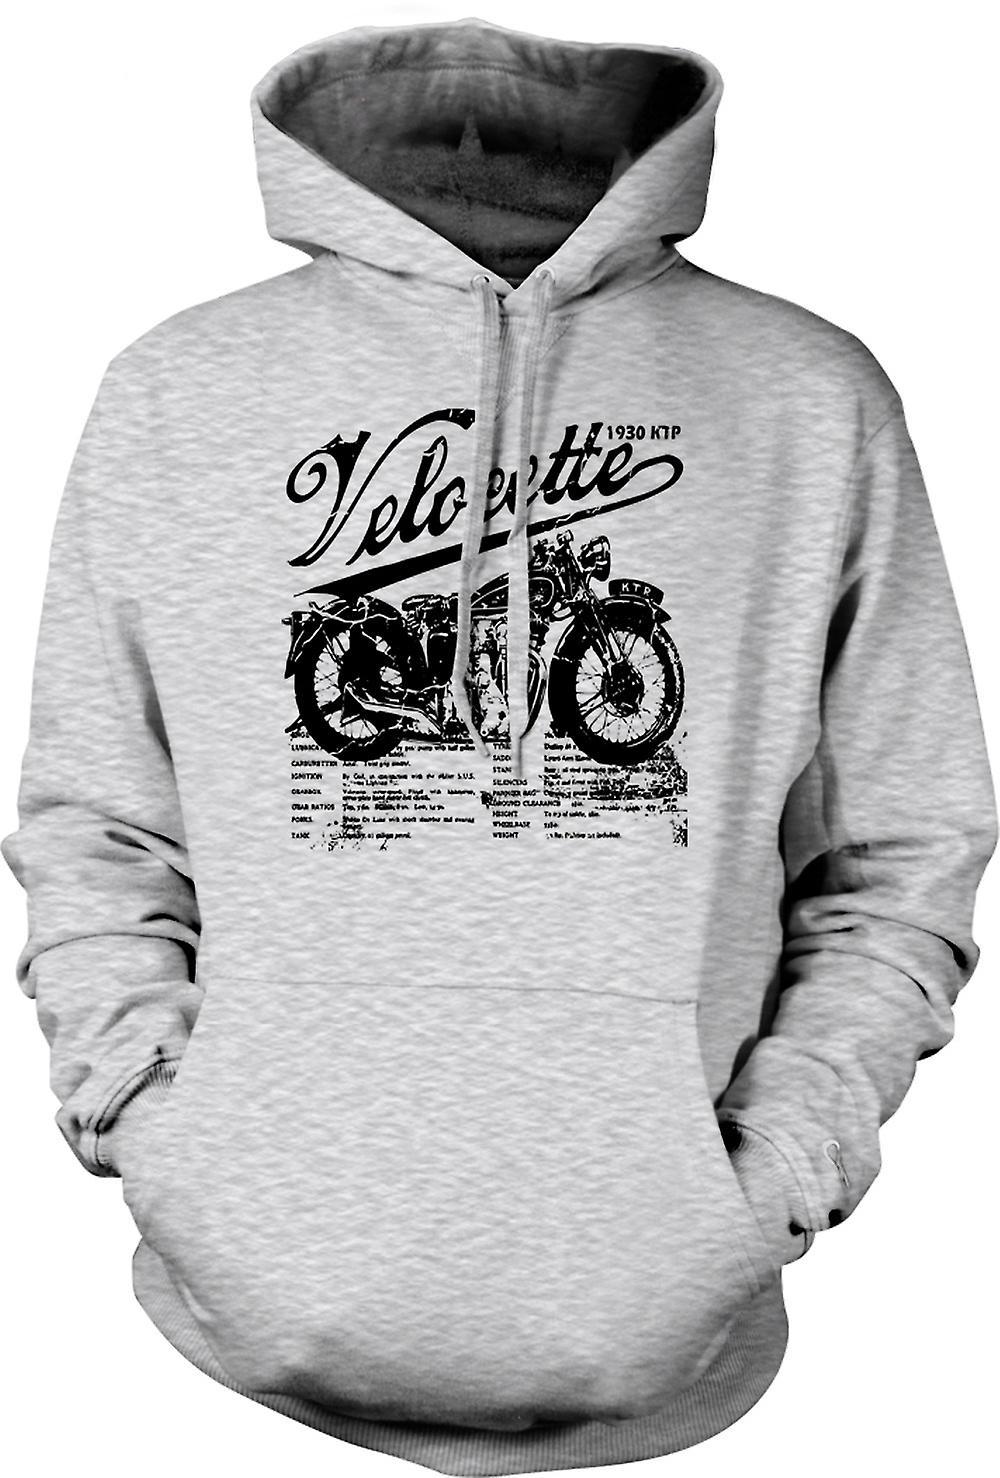 Mens-Hoodie - Velocette KTP 1930 - Classic Bike